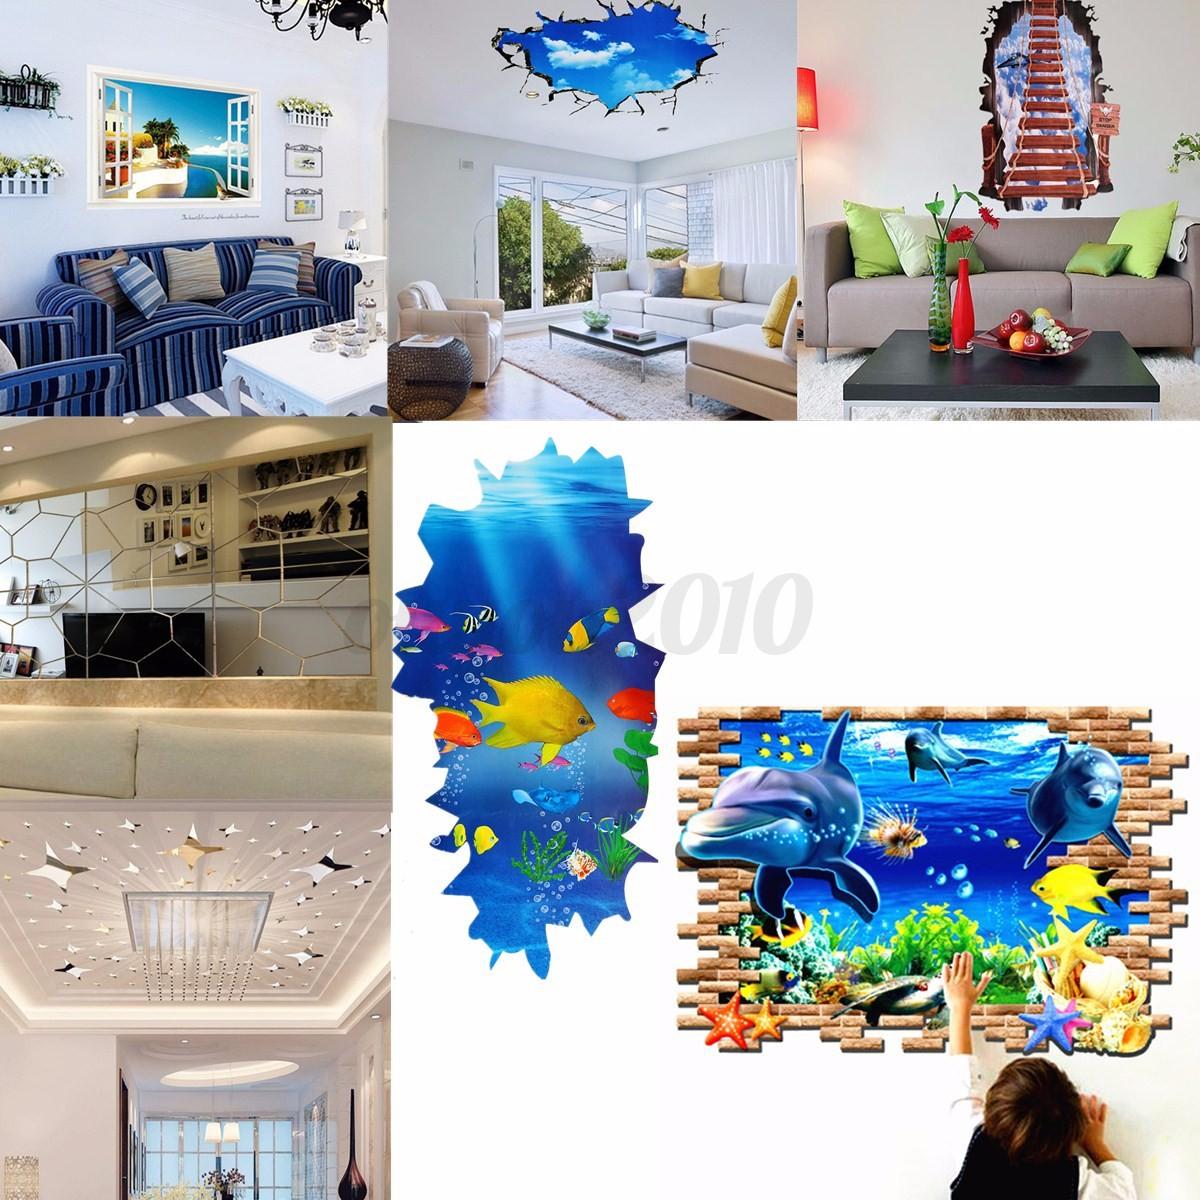 Deko Decke 3d fenster wandtattoo sticker aufkleber spiegel meer decke wohnzimmer deko eur 2 99